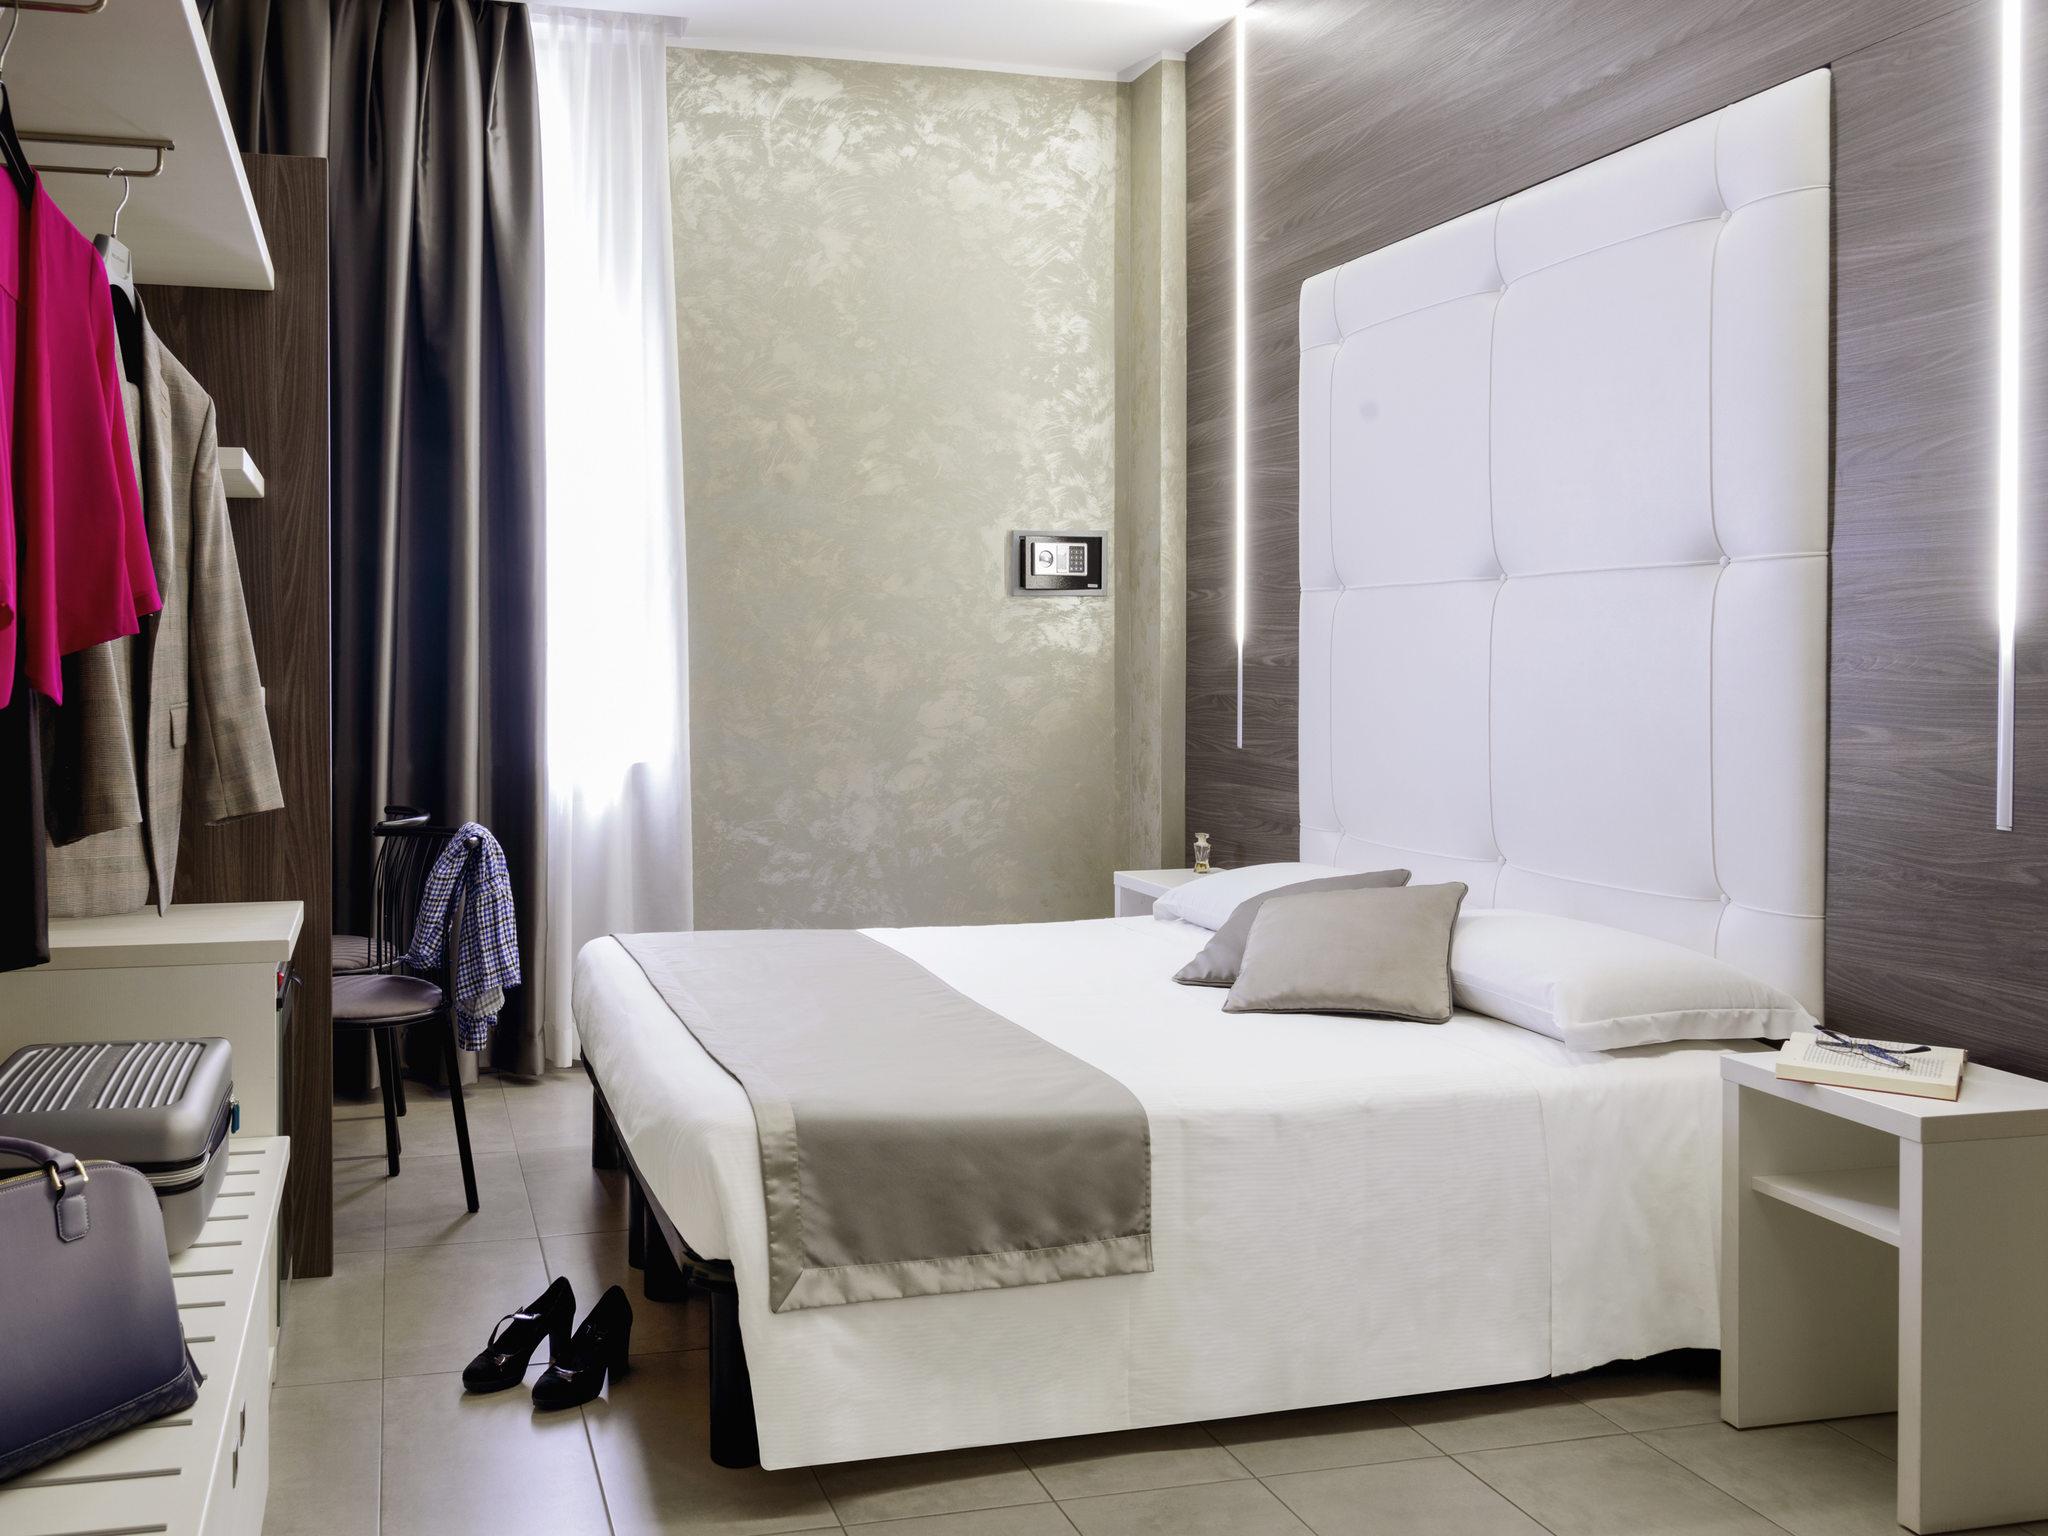 Hotel in milano ibis styles milano centro for Boutique hotel milano centro